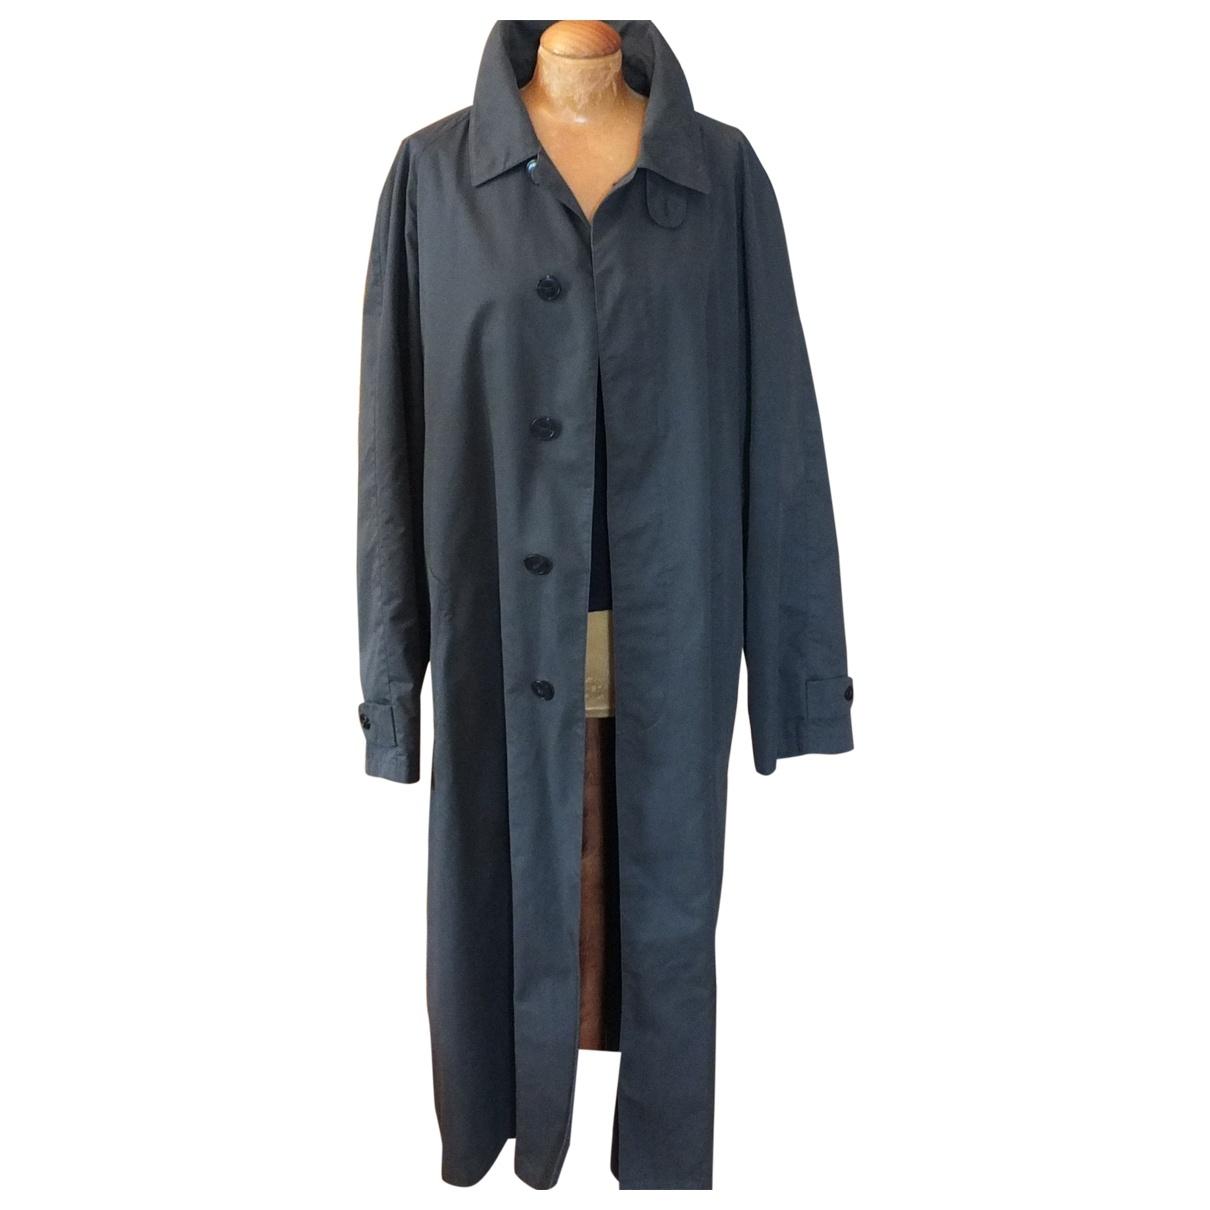 Giorgio Armani - Manteau   pour homme en coton - gris